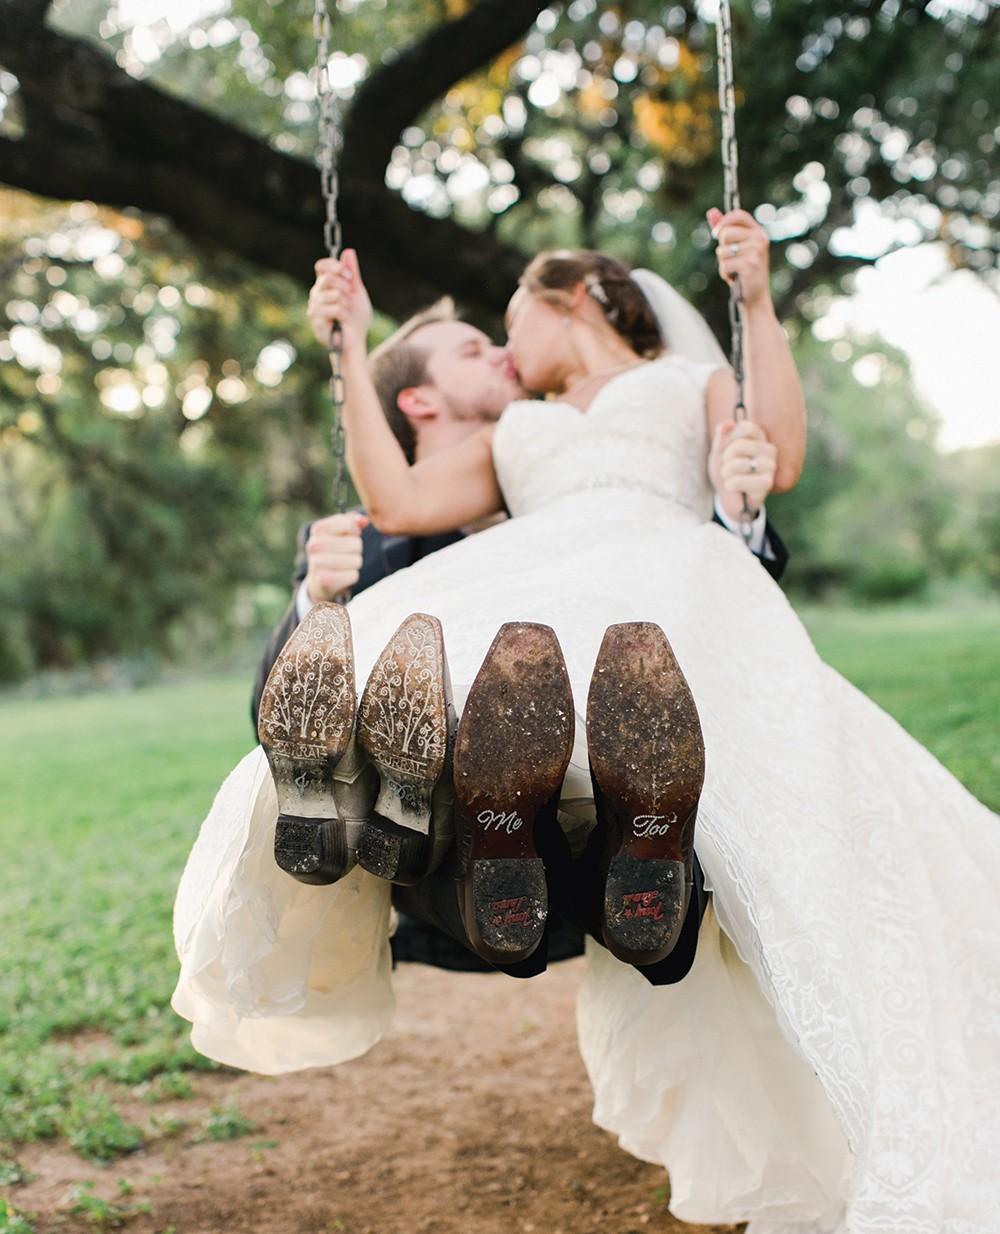 Wedding Photography Ideas Rustic Wedding Boots Wedding Fashion Country Chic Barn Wedding Country Wedding Photos Fall Country Wedding Hill Country Wedding